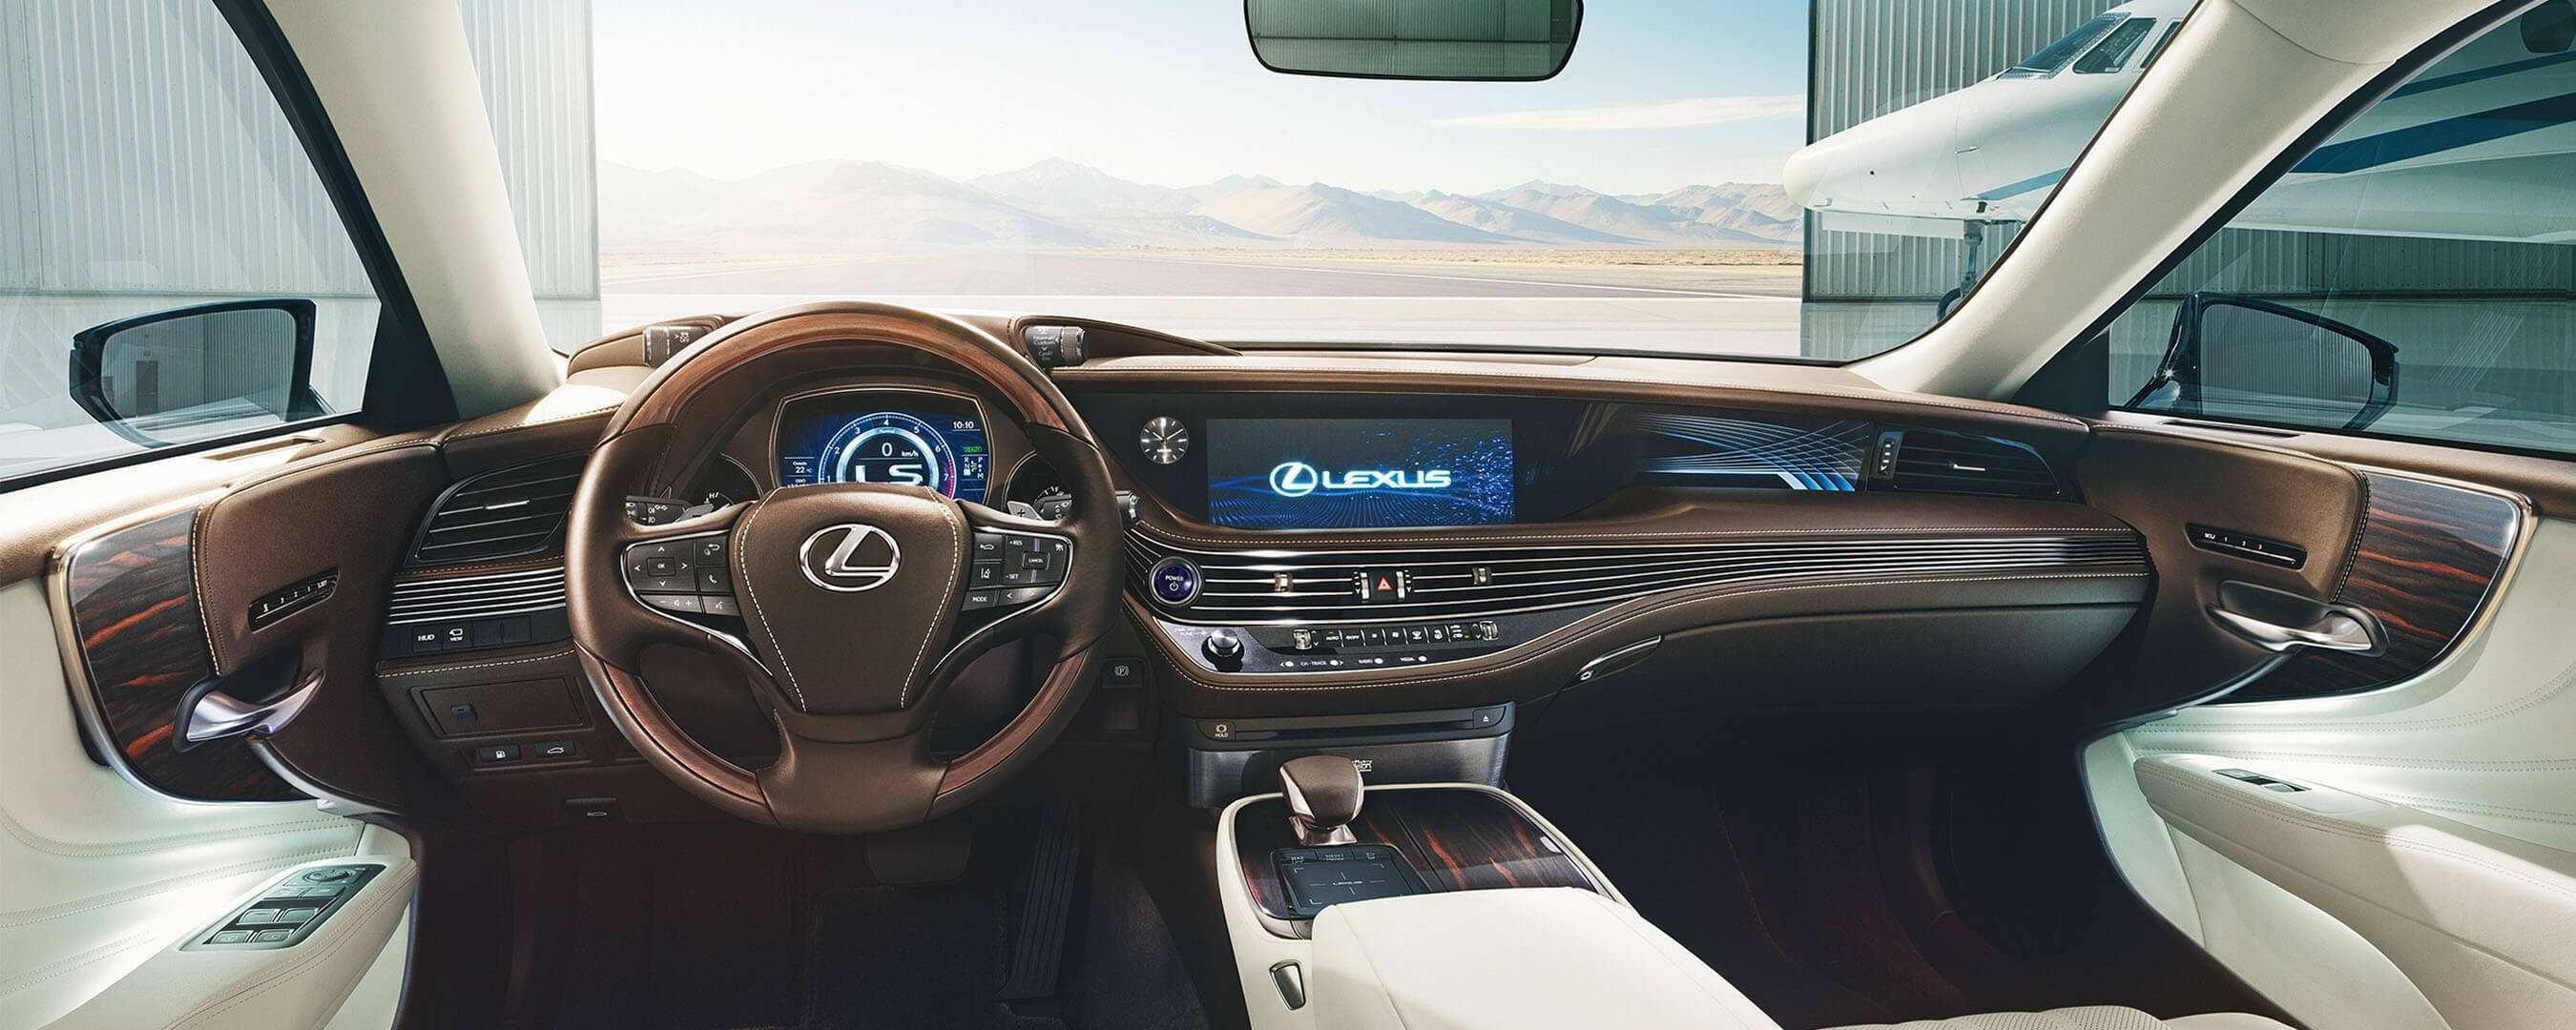 36 Great 2019 Lexus Ls Price Exterior and Interior for 2019 Lexus Ls Price